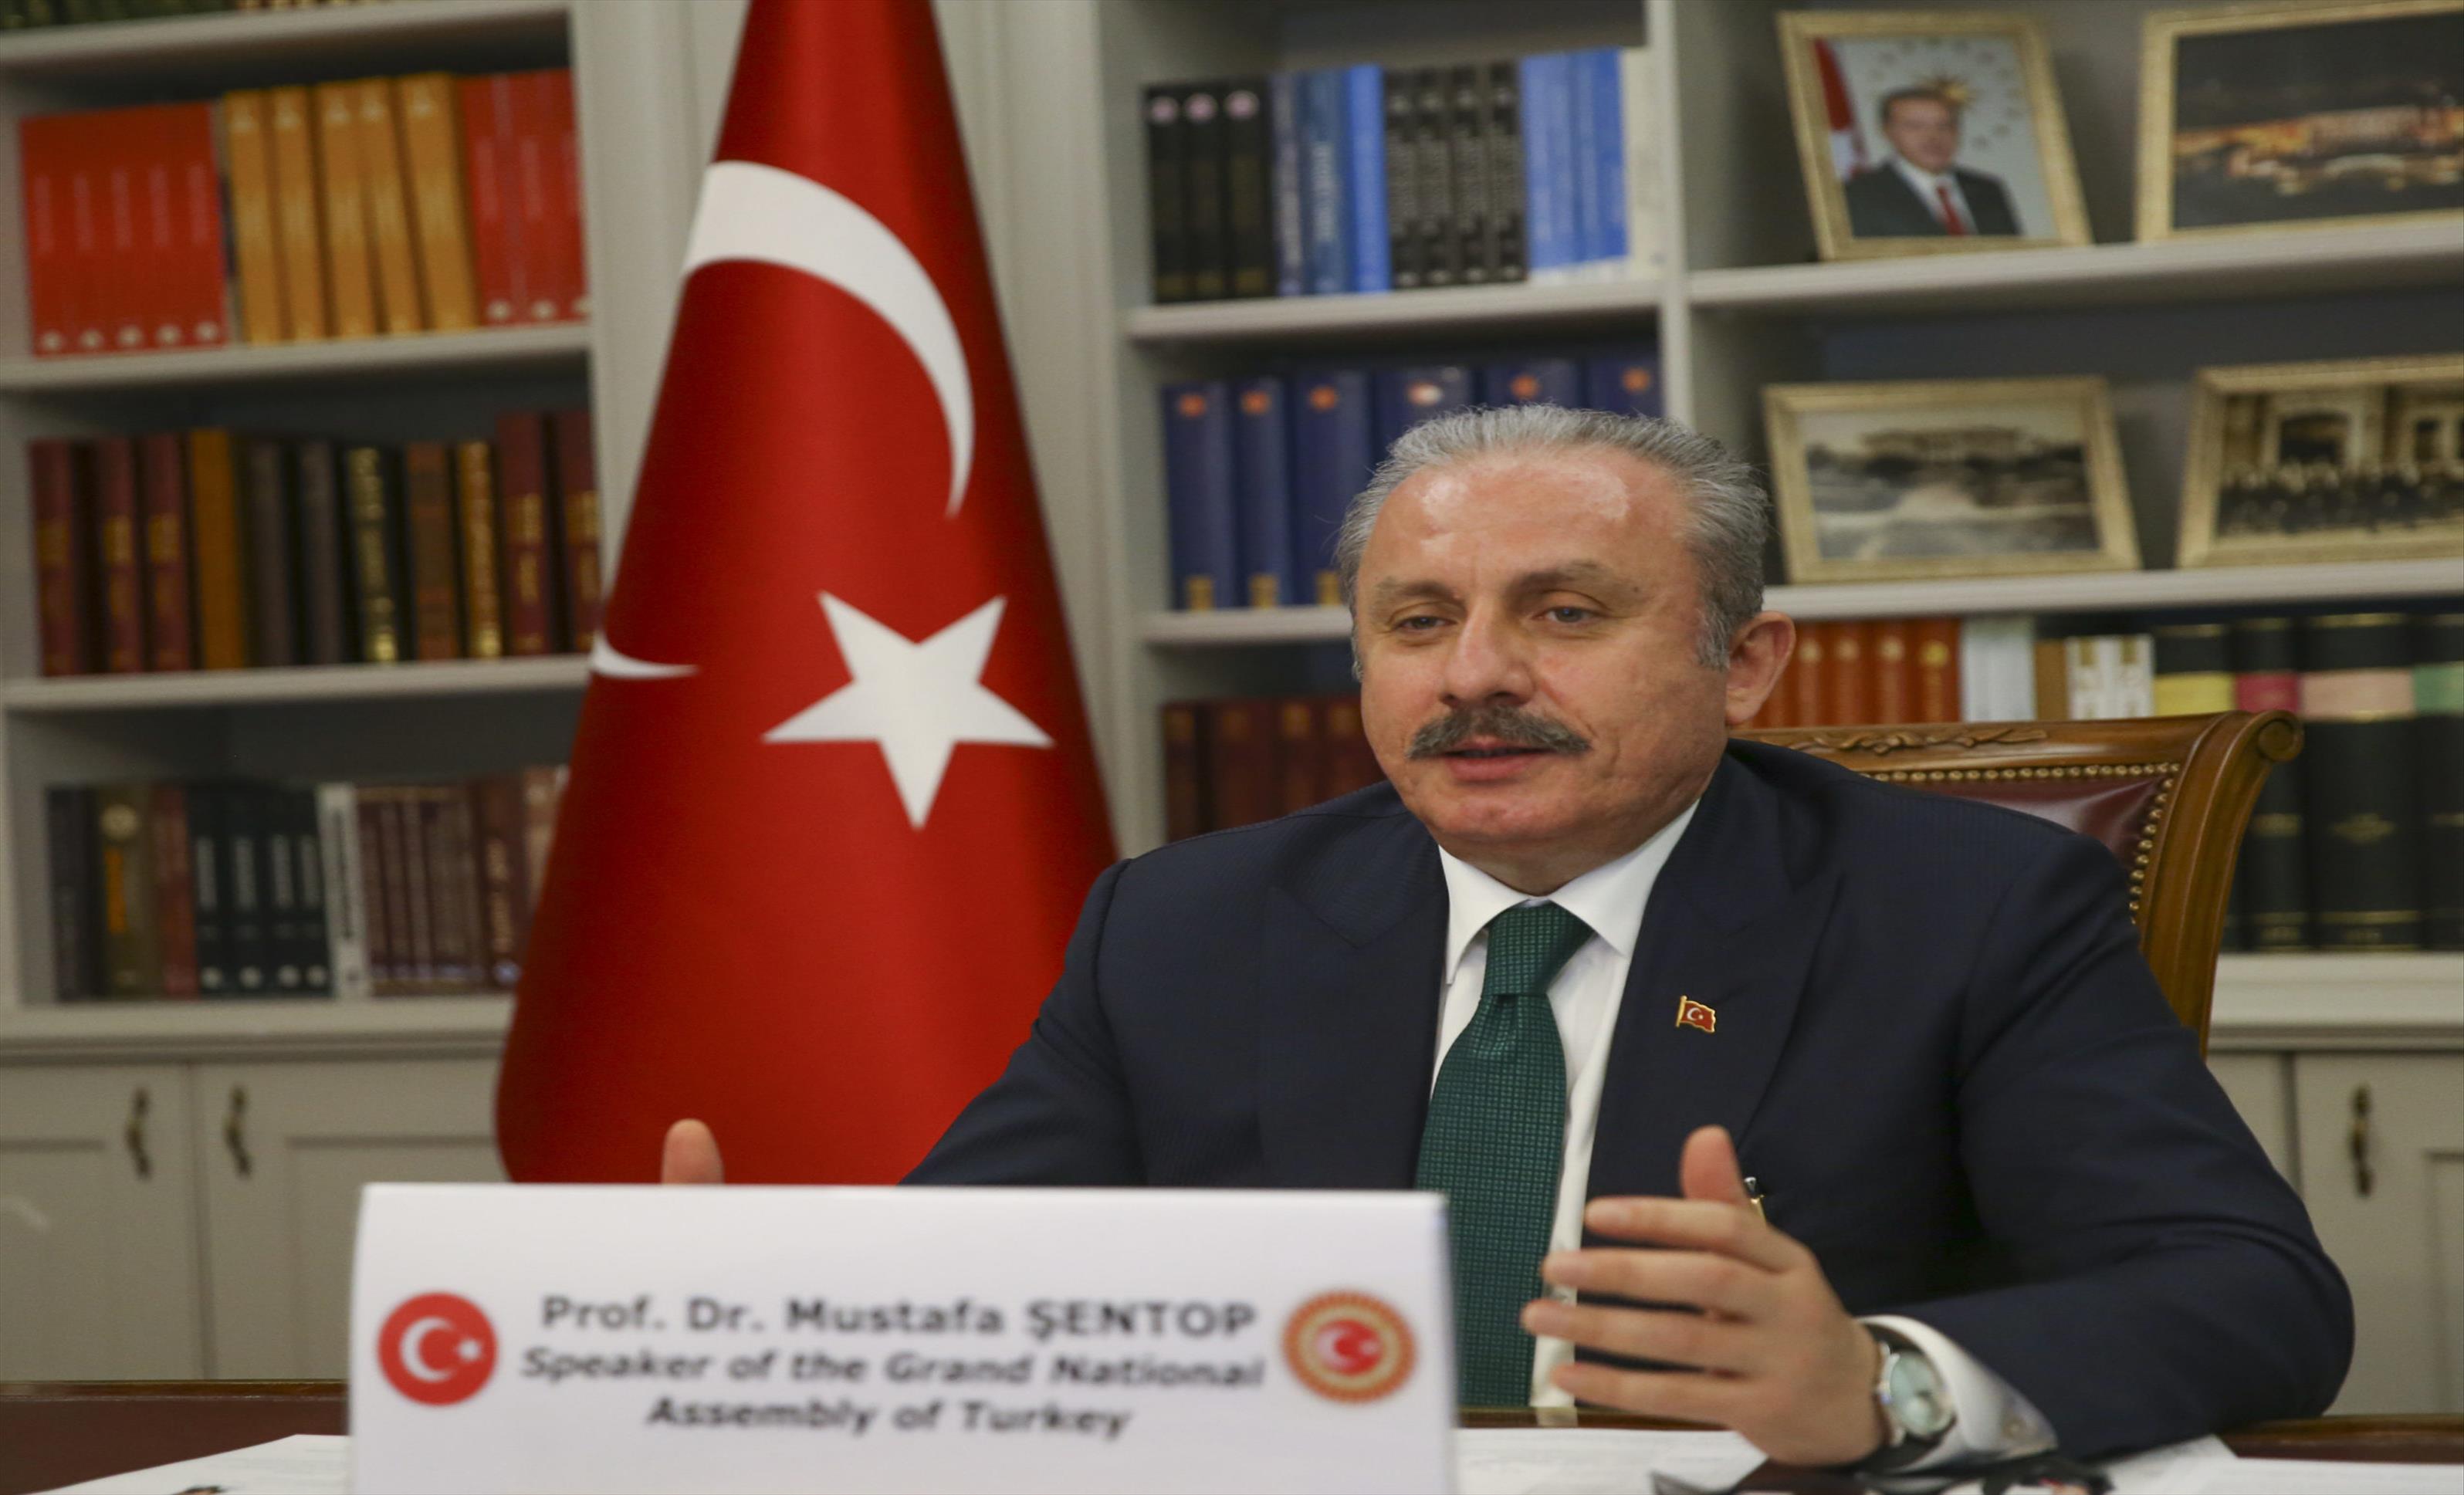 Слика од Мустафа Шентоп: Турција и Македонија имаат вкоренети историски и културни врски